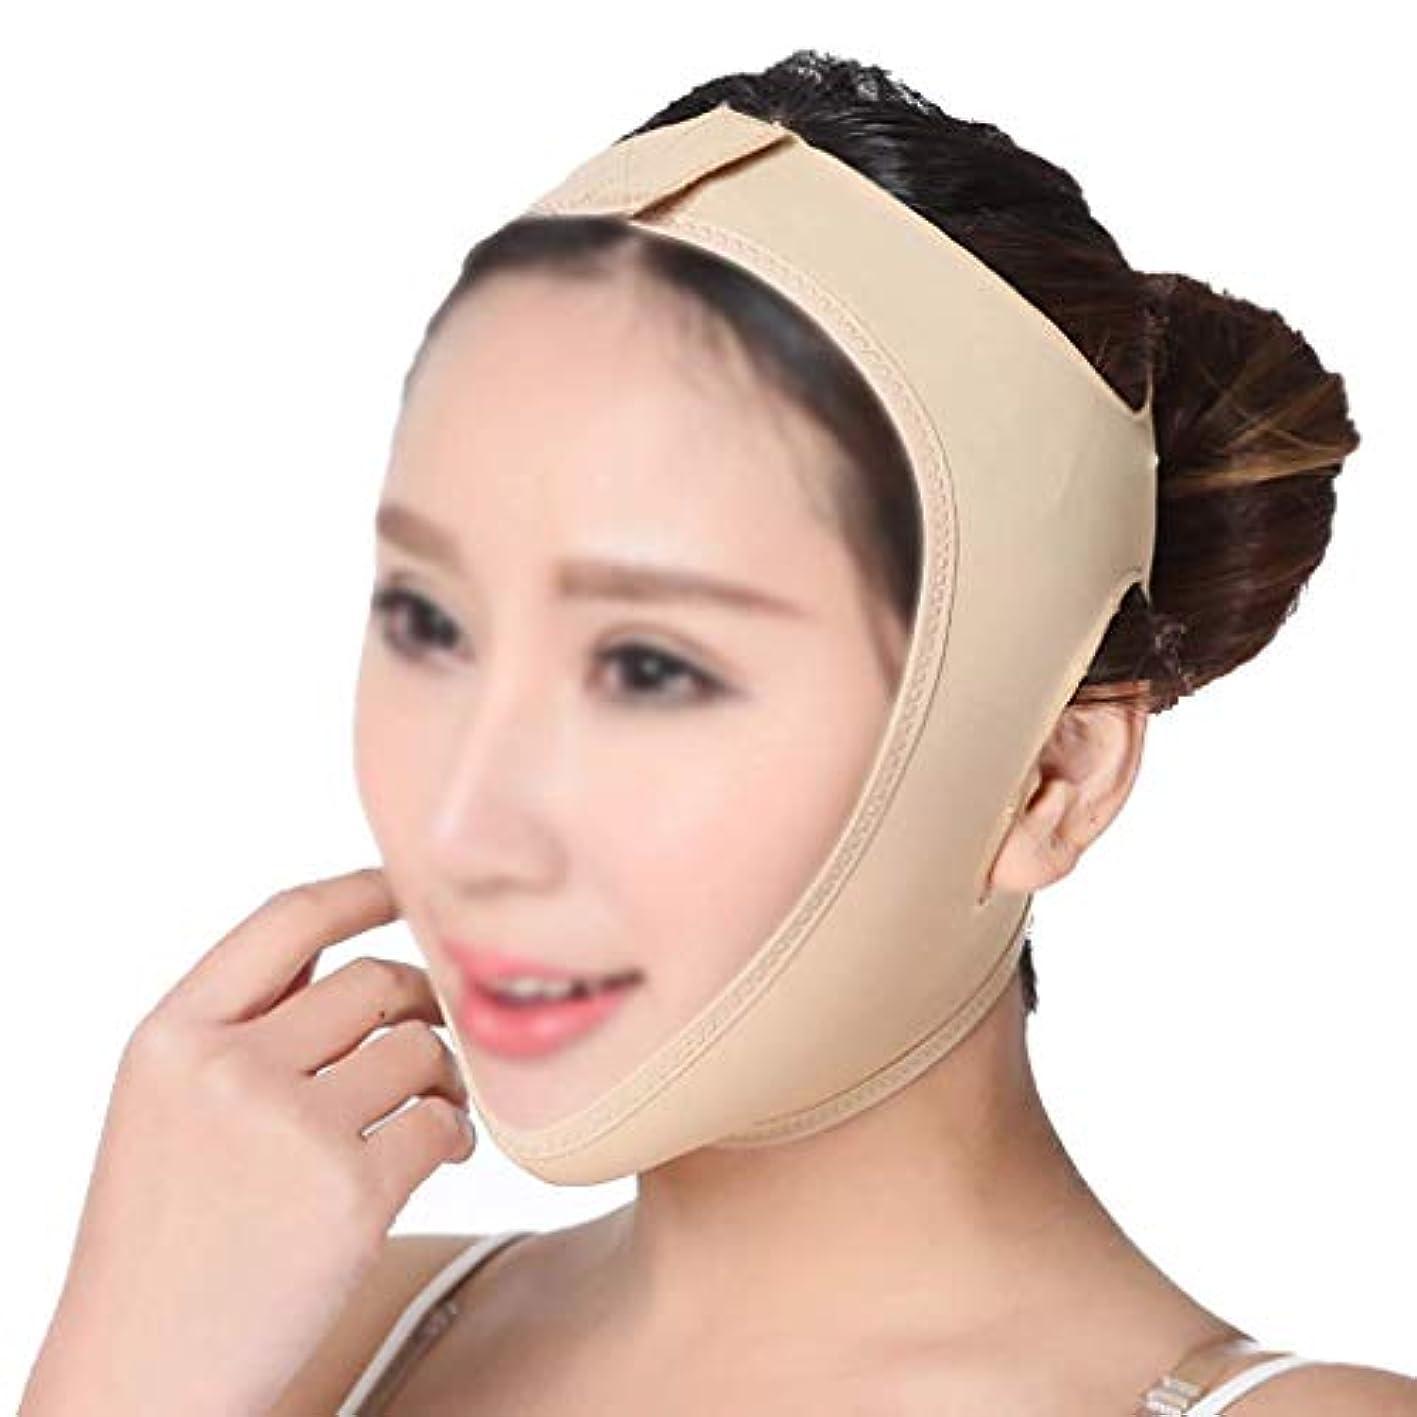 義務づけるリムテープ薄型フェイスバンデージフェイススリムダブル顎を取り除くVラインフェイスシェイプを作成チンチークリフトアップアンチリンクルリフティングベルトフェイスマッサージツール(サイズ:S),S